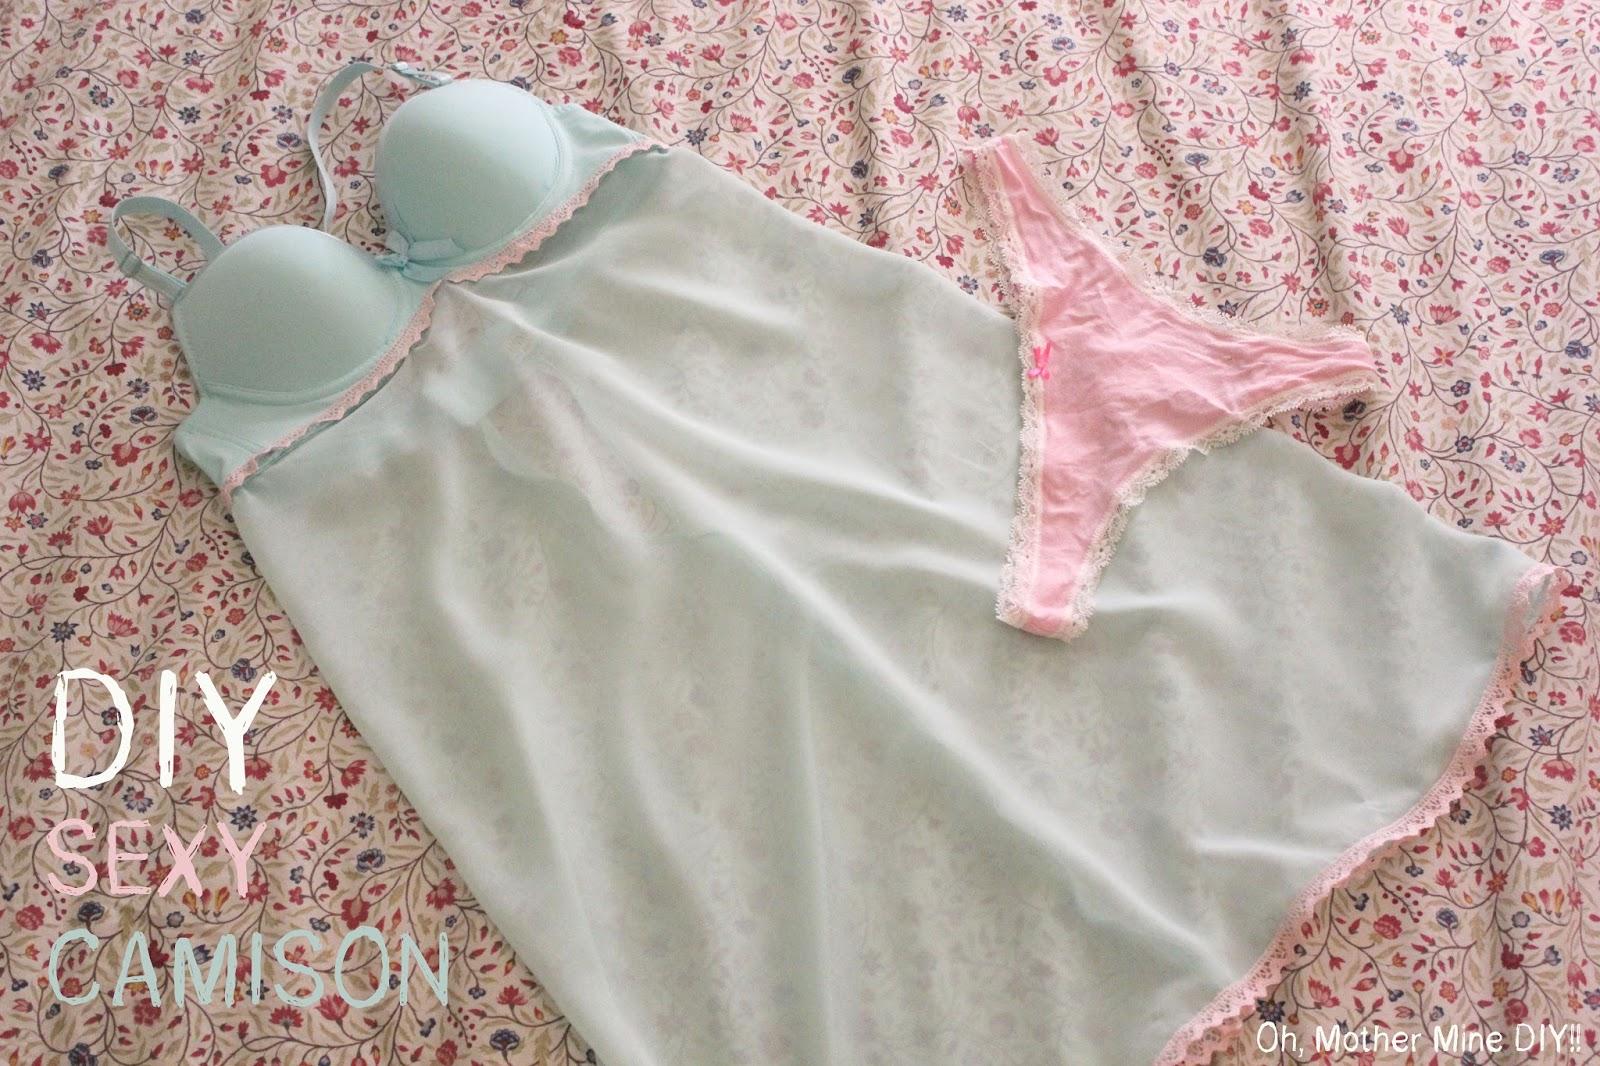 El Rinc N De Vanessa Sexy Diy How To Make Underwear For A Special Night